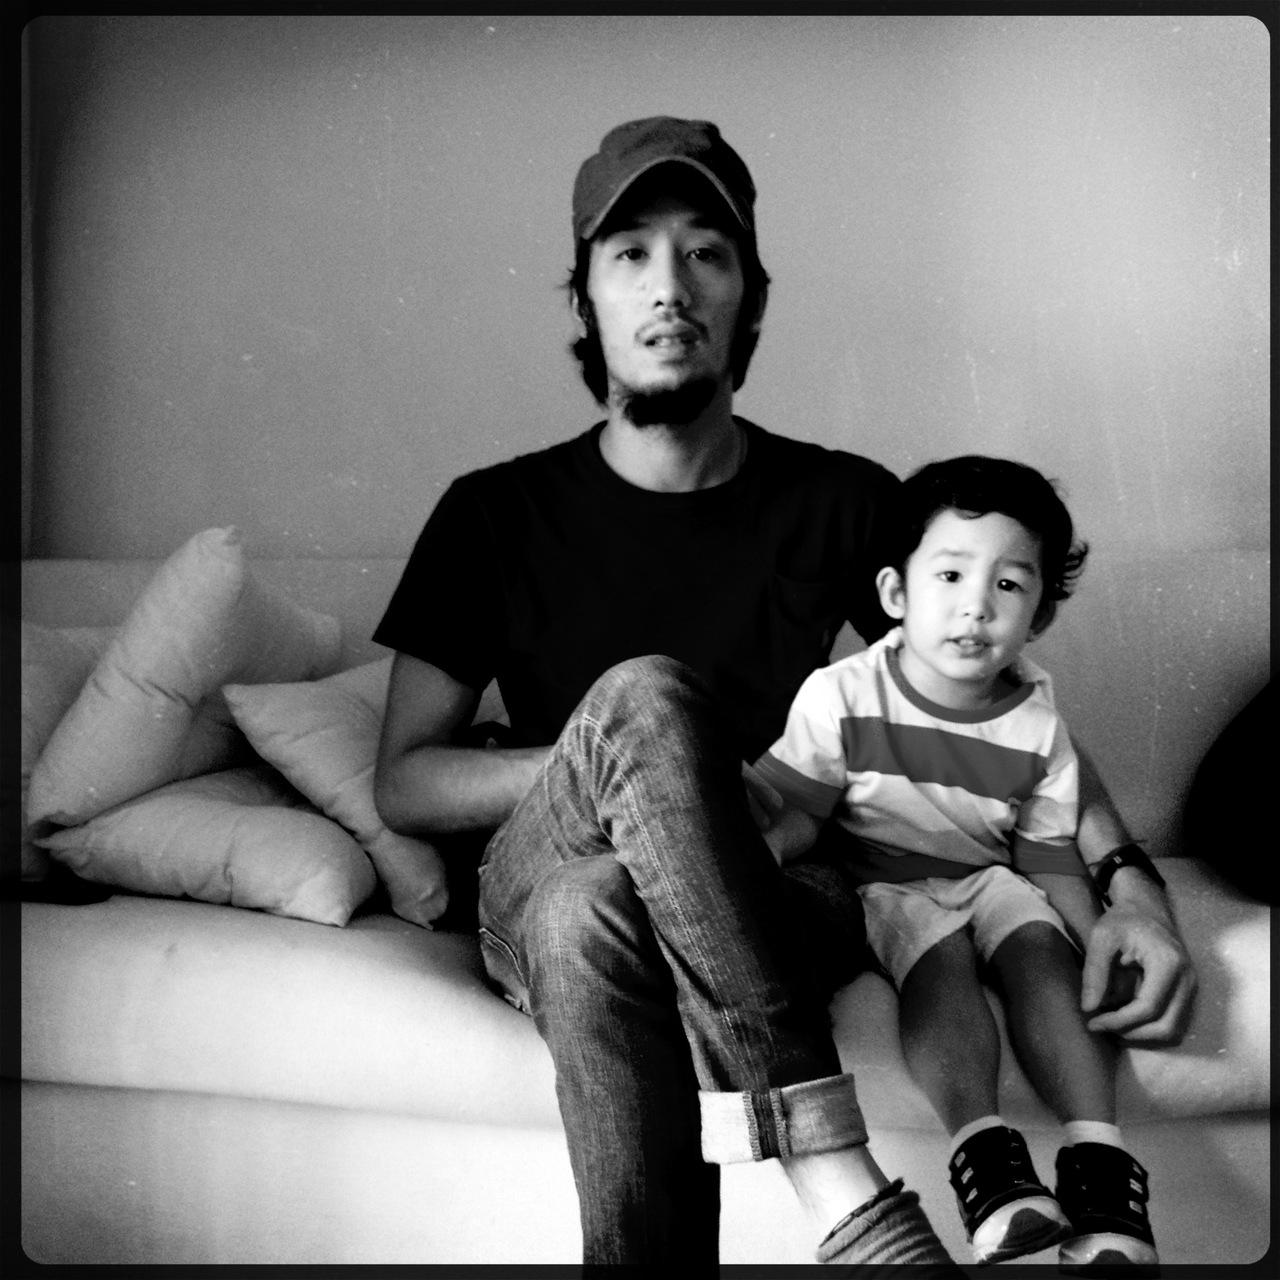 Leopoldo and son